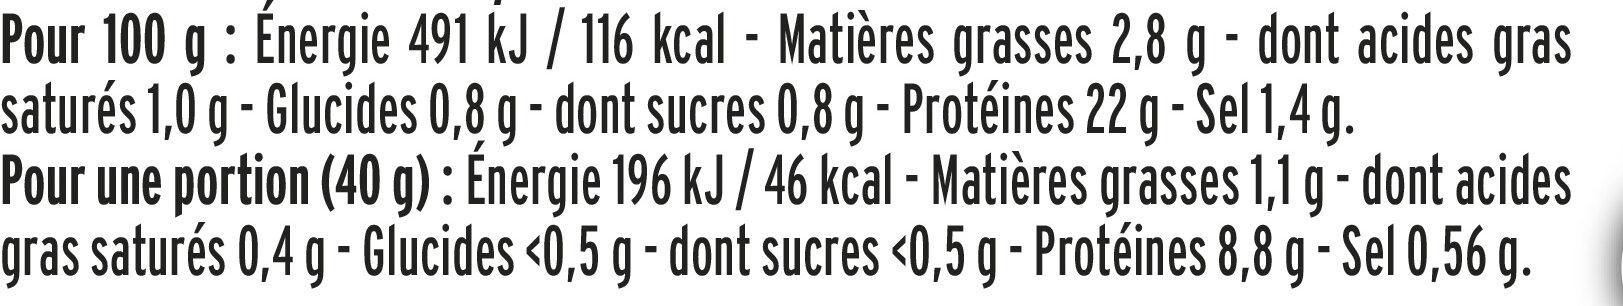 Le supérieur cuit à l'étouffée -25%  sel* - 4 tranches - Información nutricional - fr